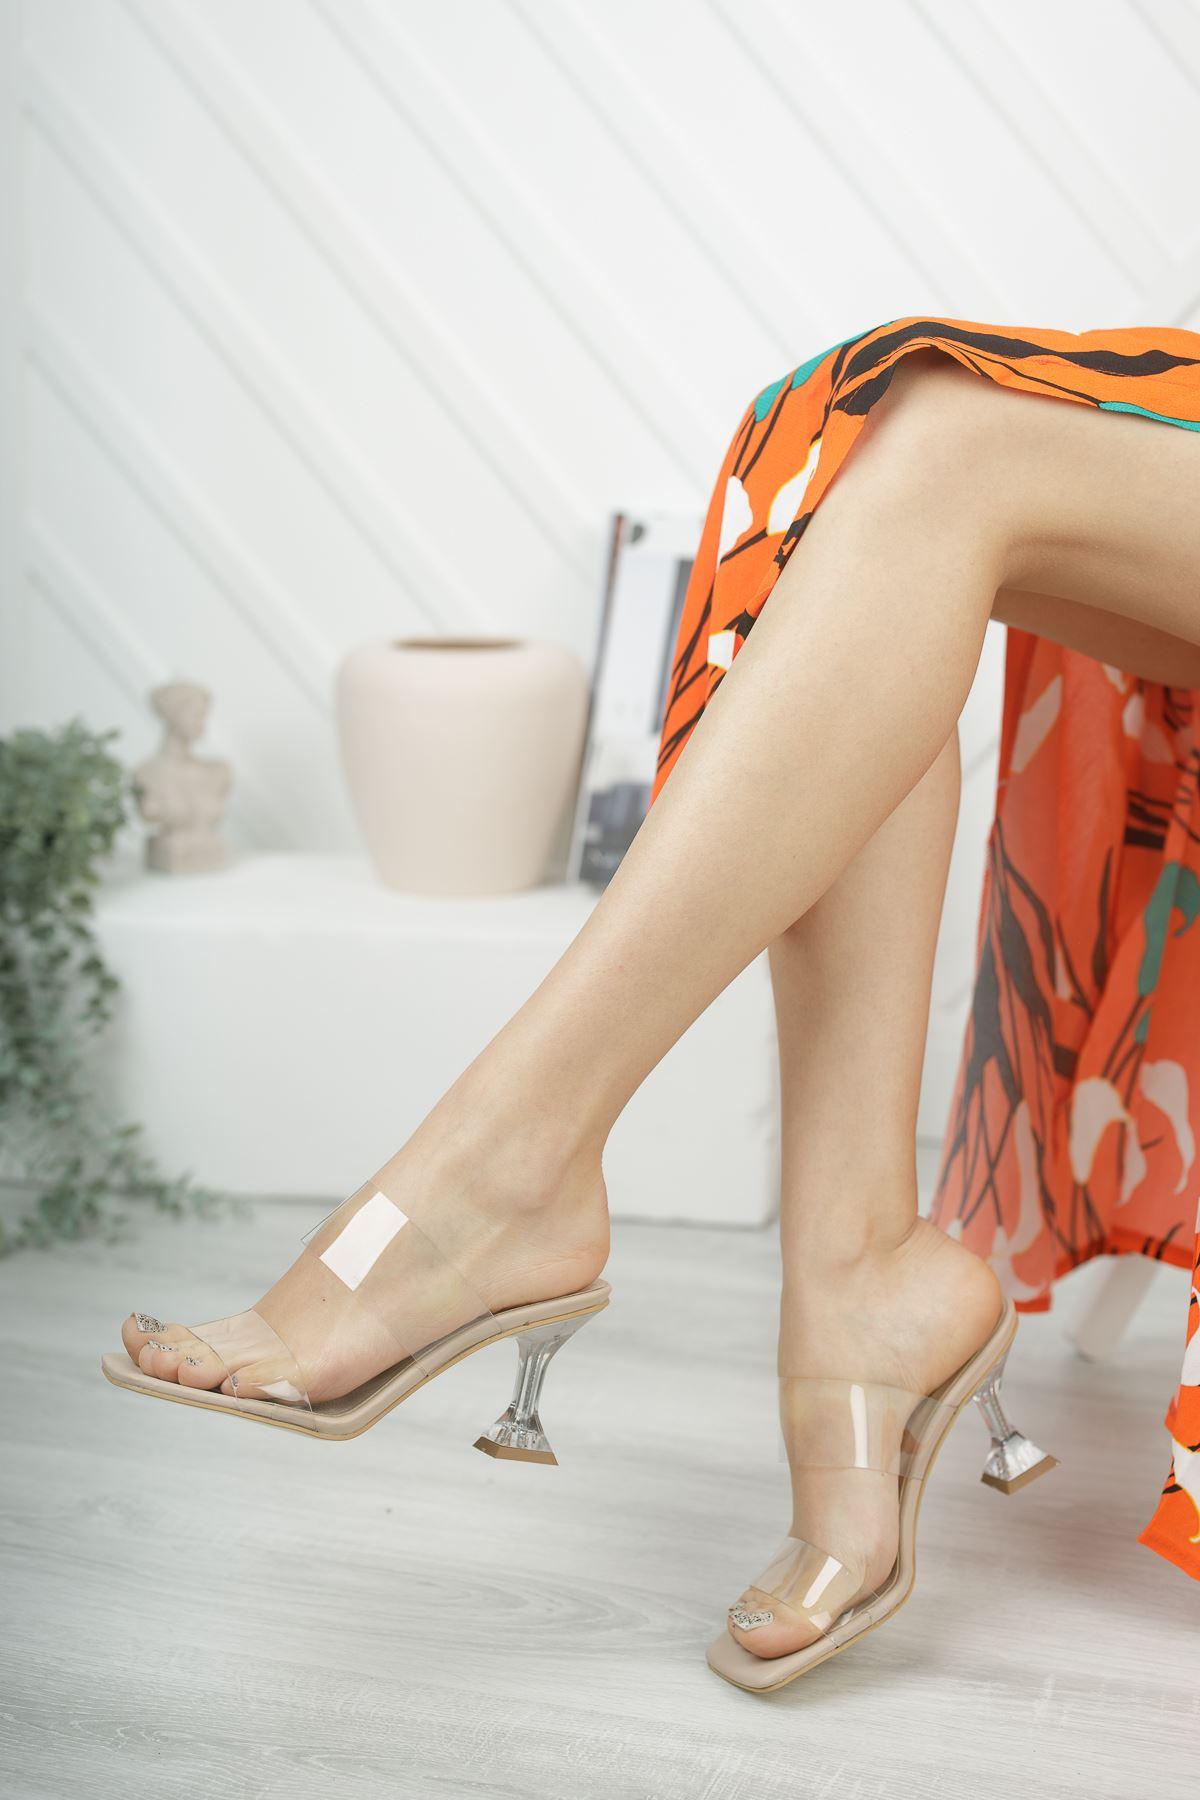 Kadın Runi Kadeh Topuklu Şefaf Bantlı Ten Topuklu Terlik